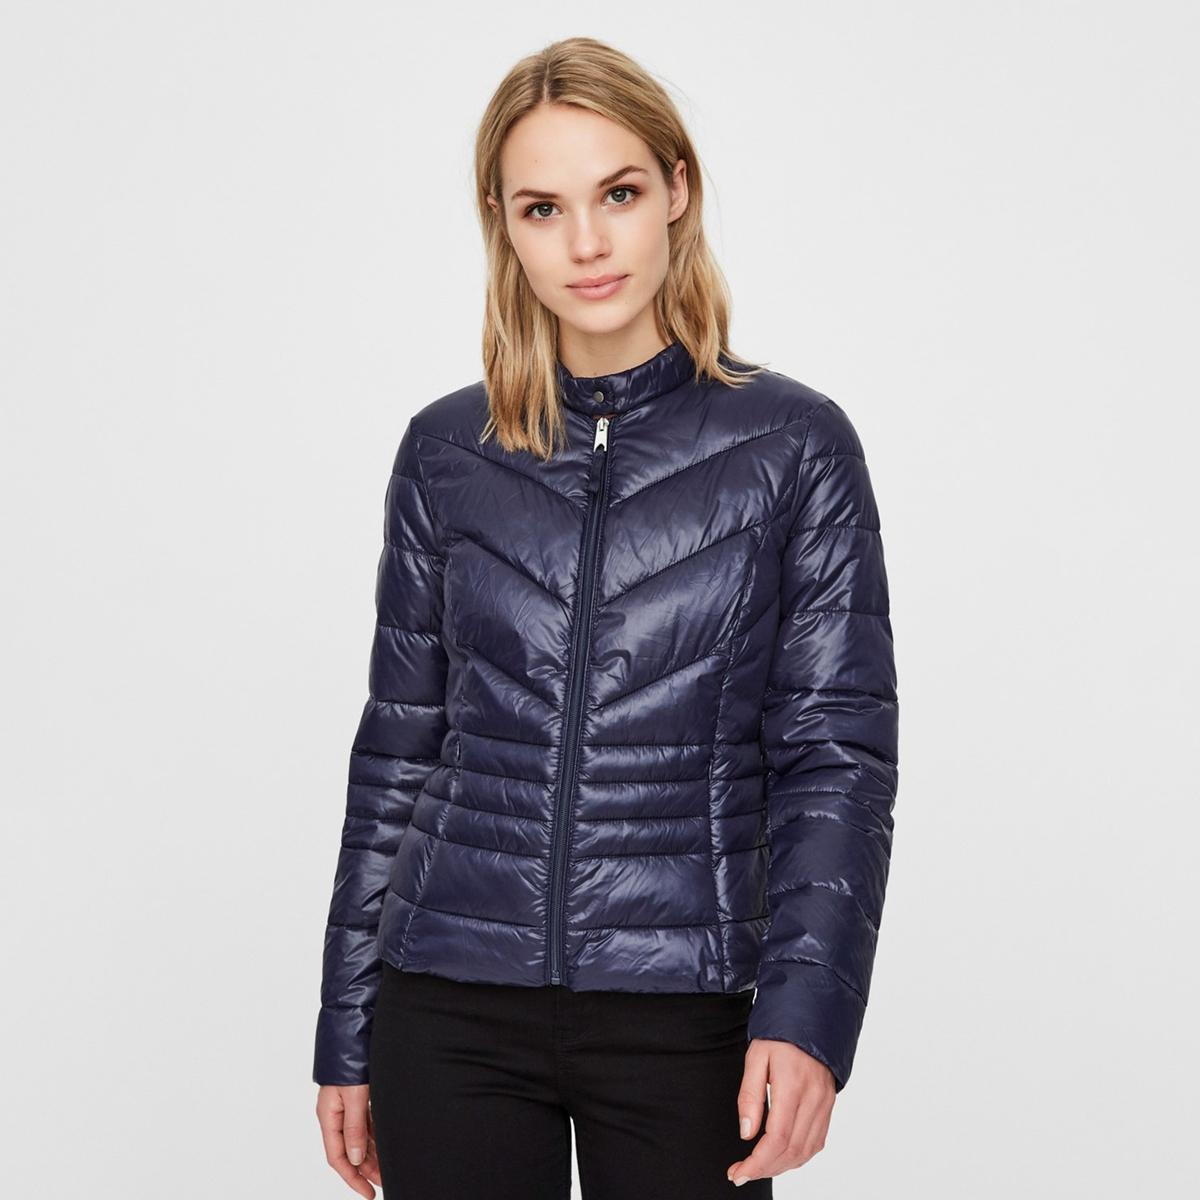 Куртка La Redoute Короткая на молнии с высоким воротником L синий